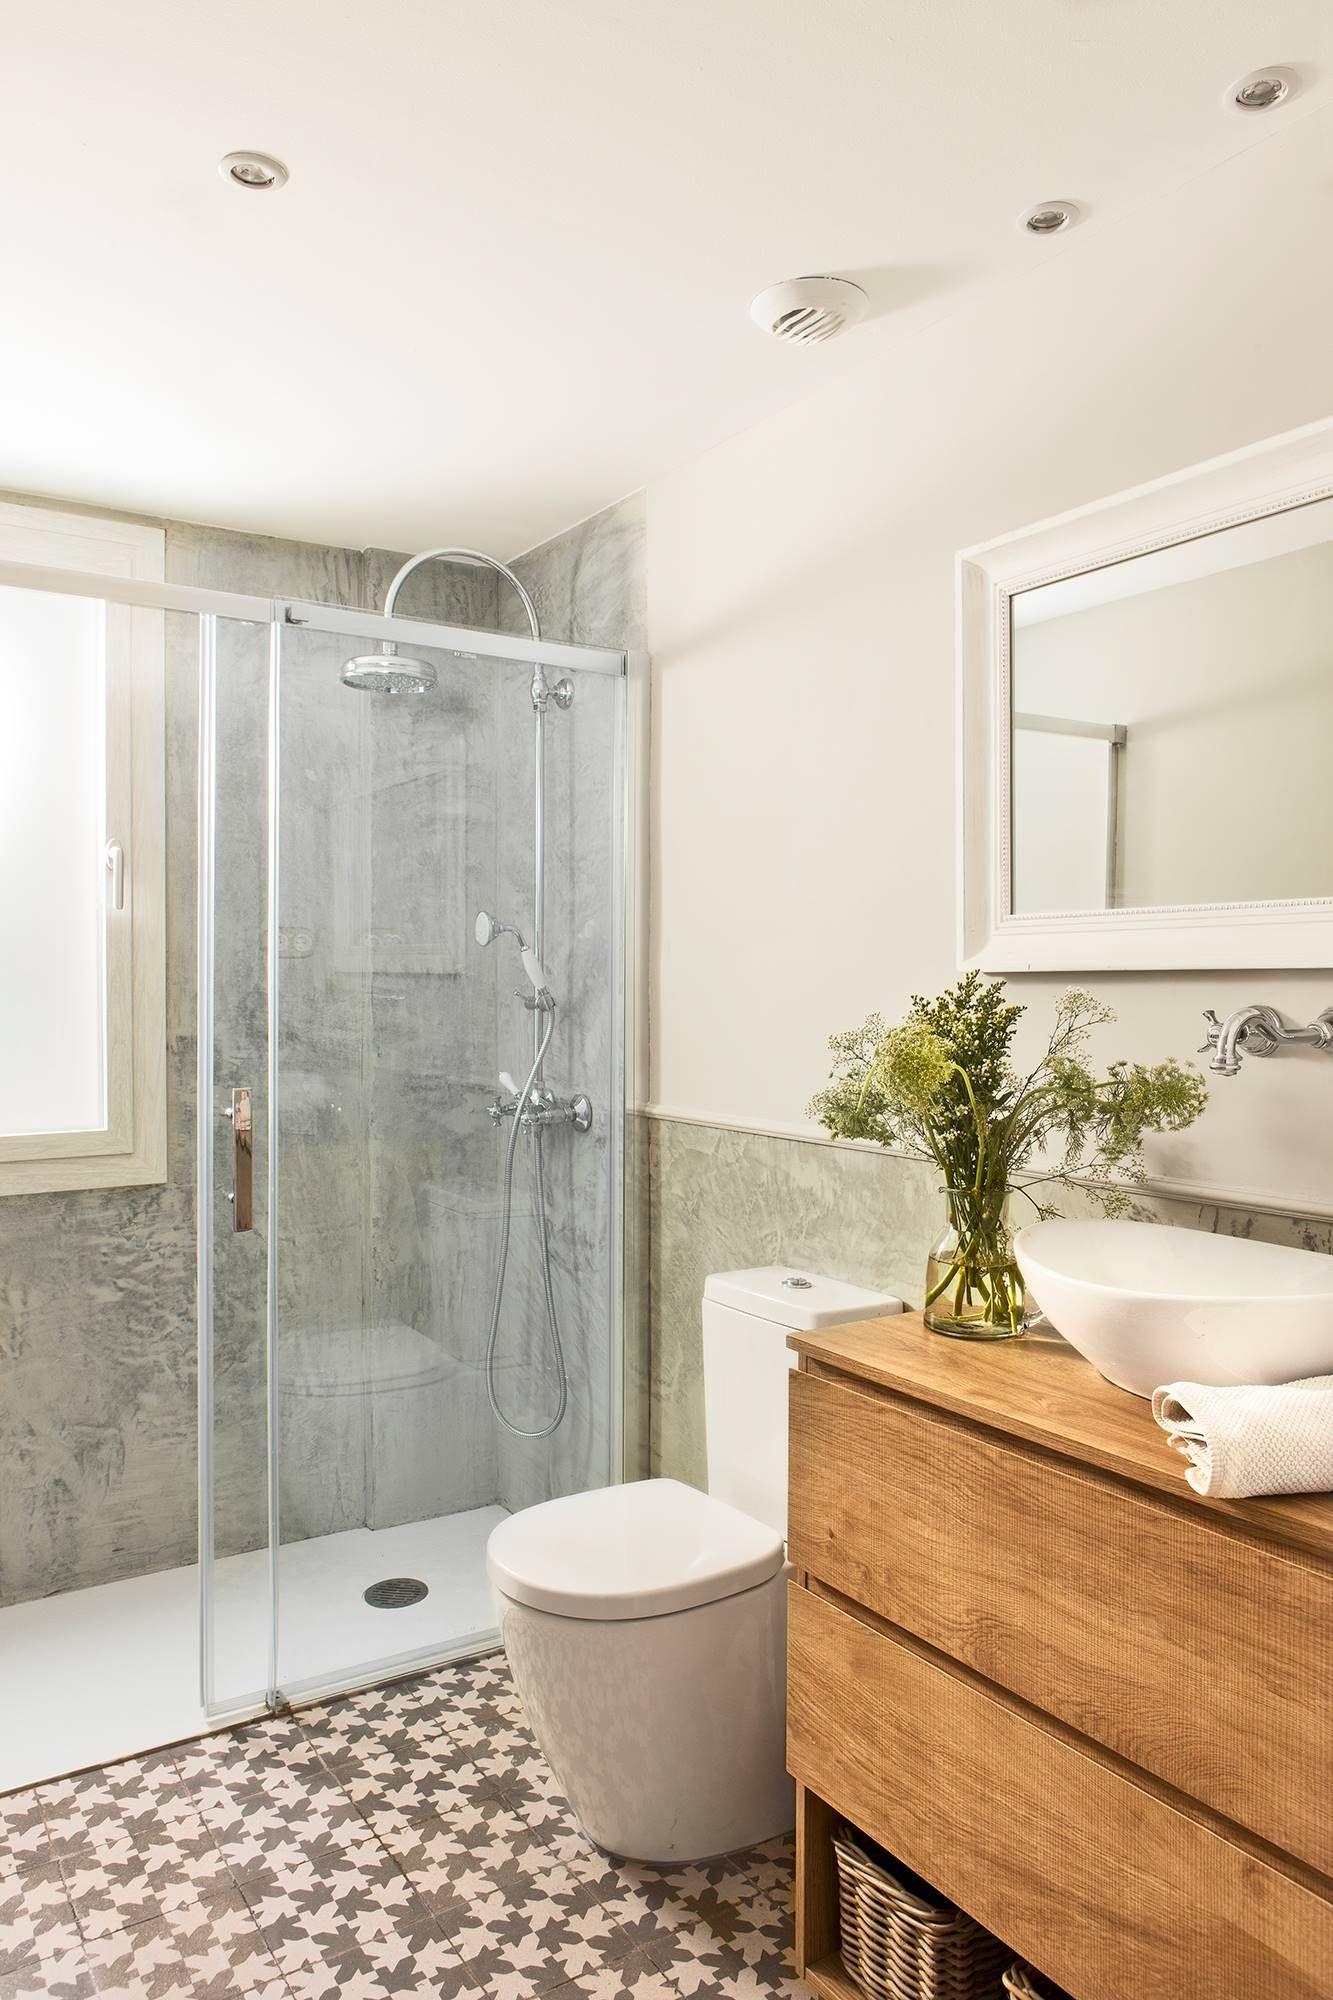 Platos de ducha acrílicos   Platos de ducha, Muebles de ...